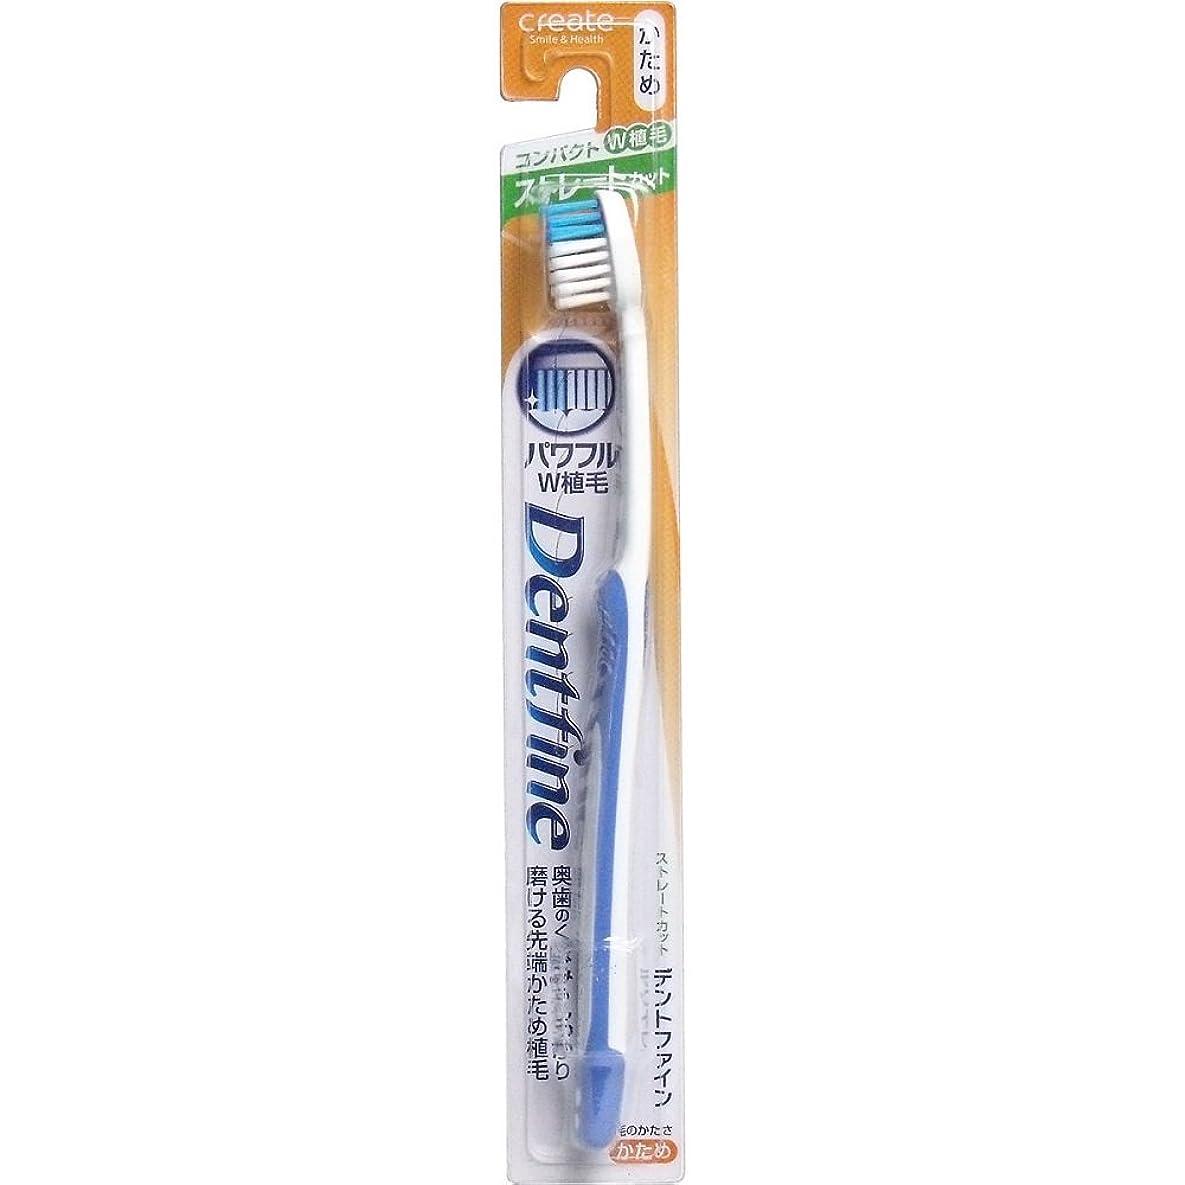 明らかチケットターゲットデントファイン ラバーグリップ ストレートカット 歯ブラシ かため 1本:ブルー